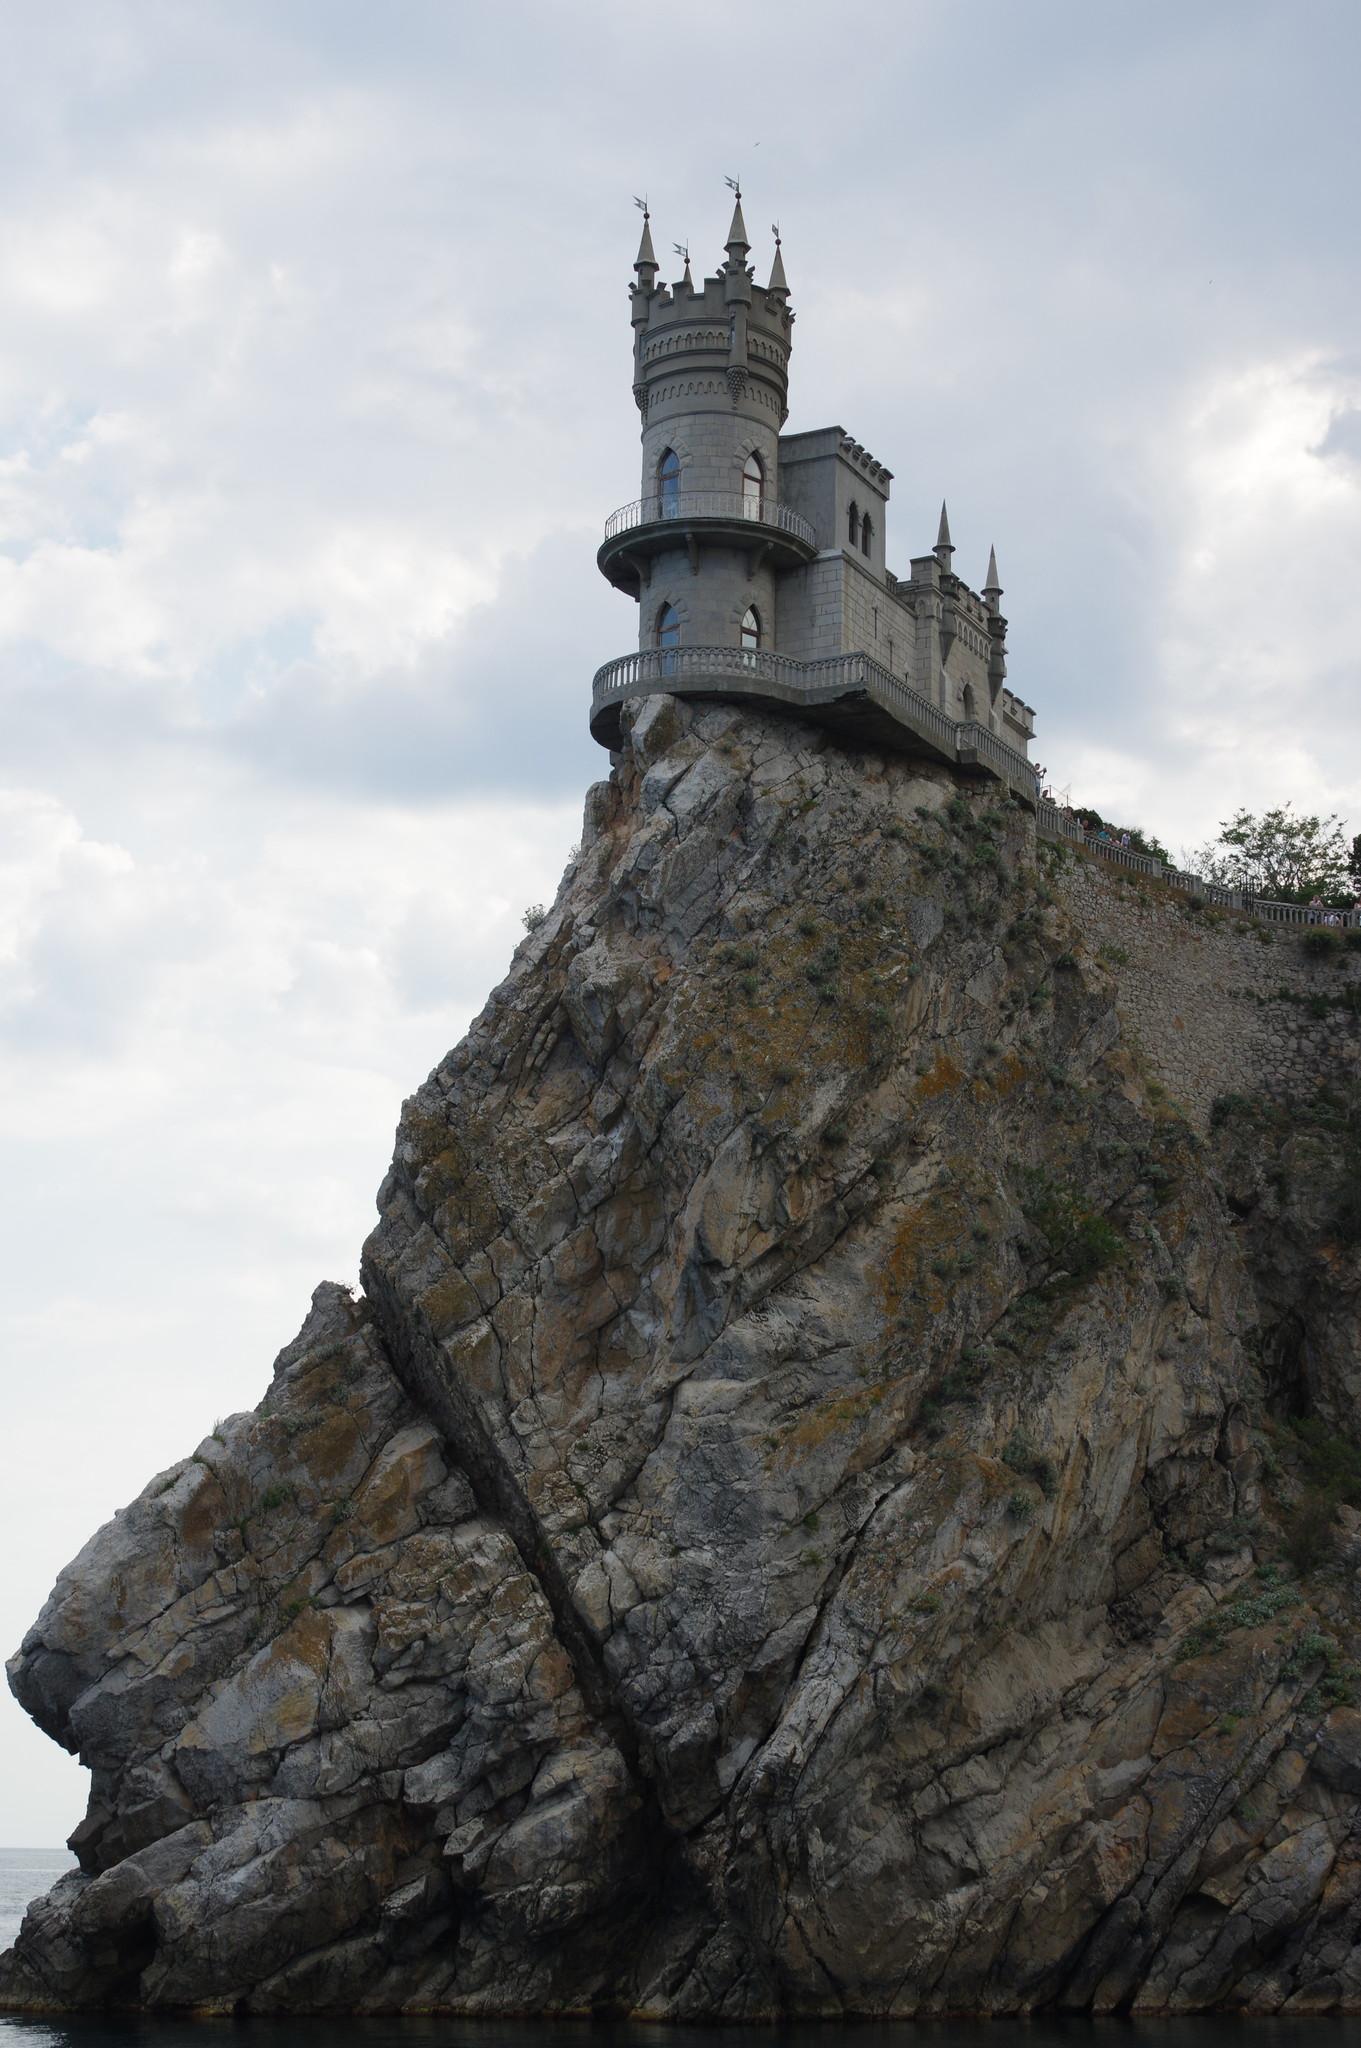 Замок «Ласточкино гнездо» стал эмблемой Южного берега Крыма